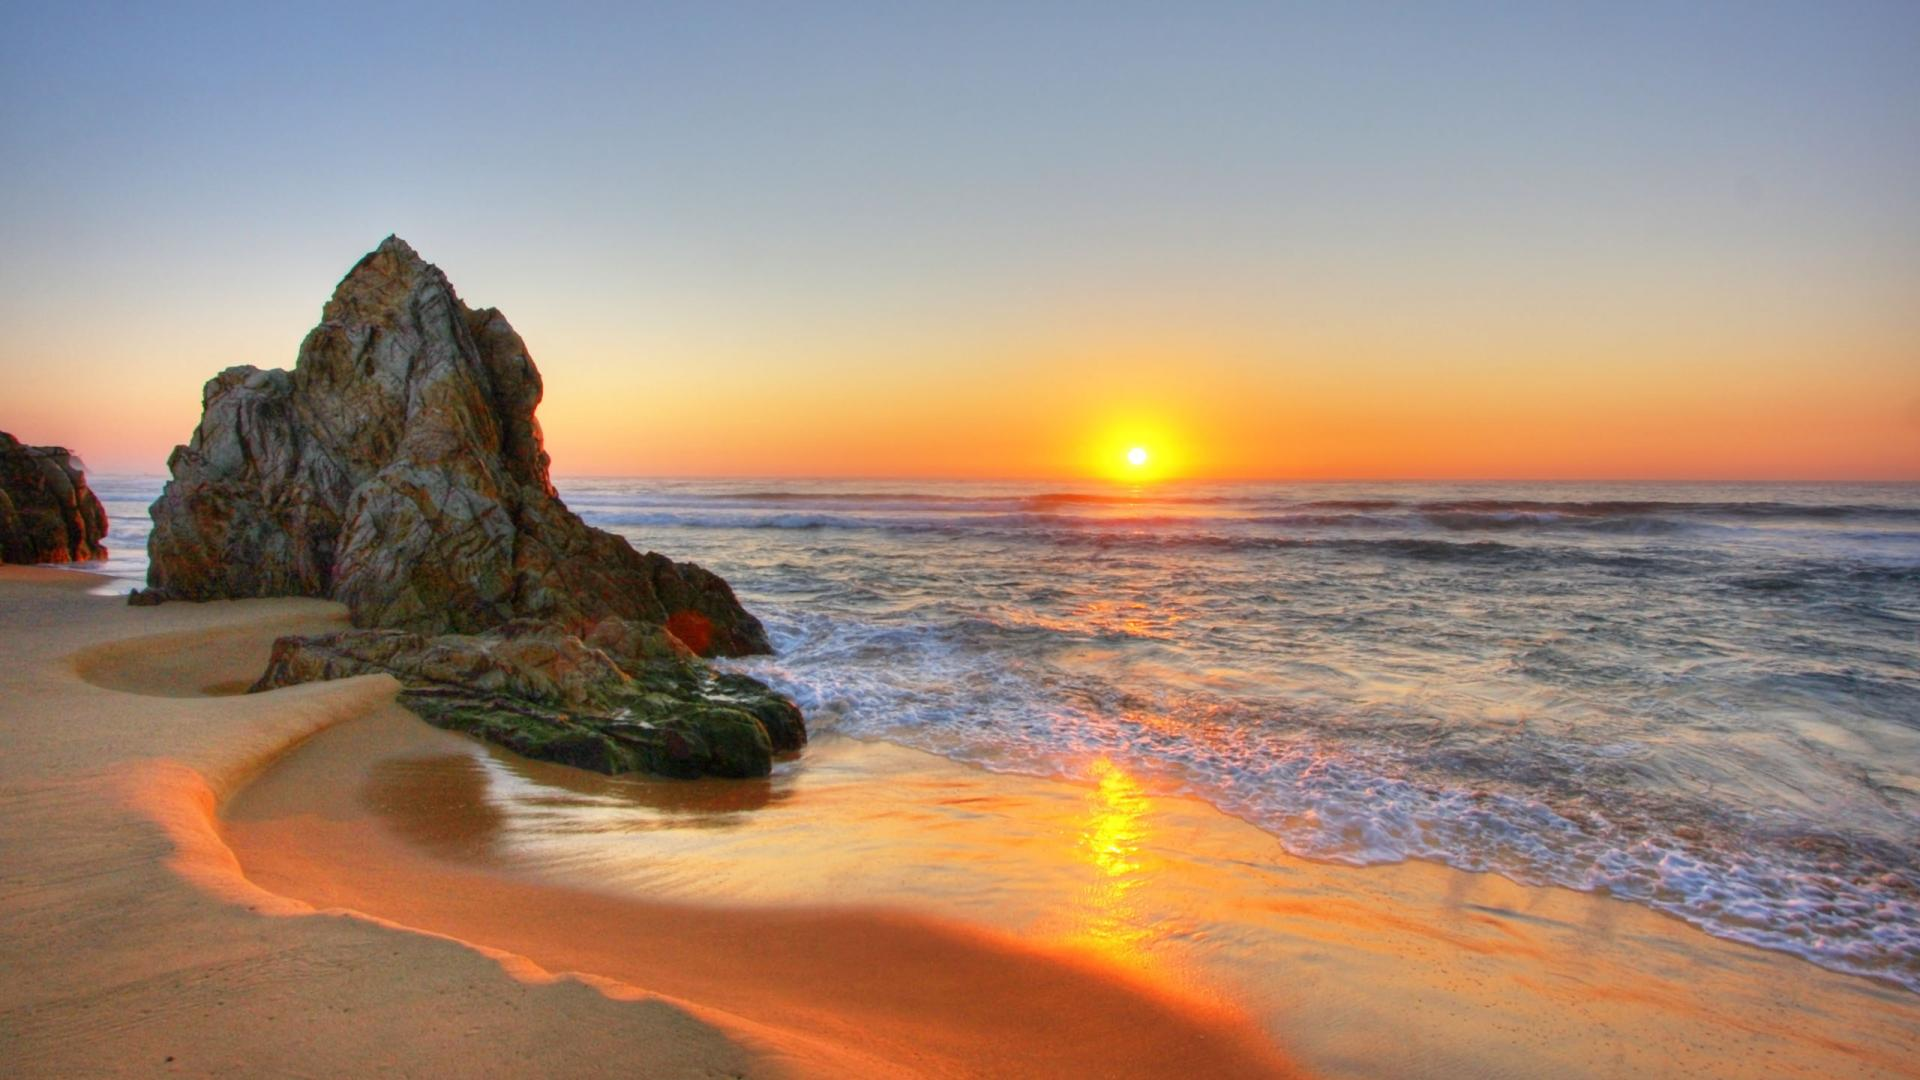 Beach Sunset Pictures HD Wallpaper of Beach   hdwallpaper2013com 1920x1080